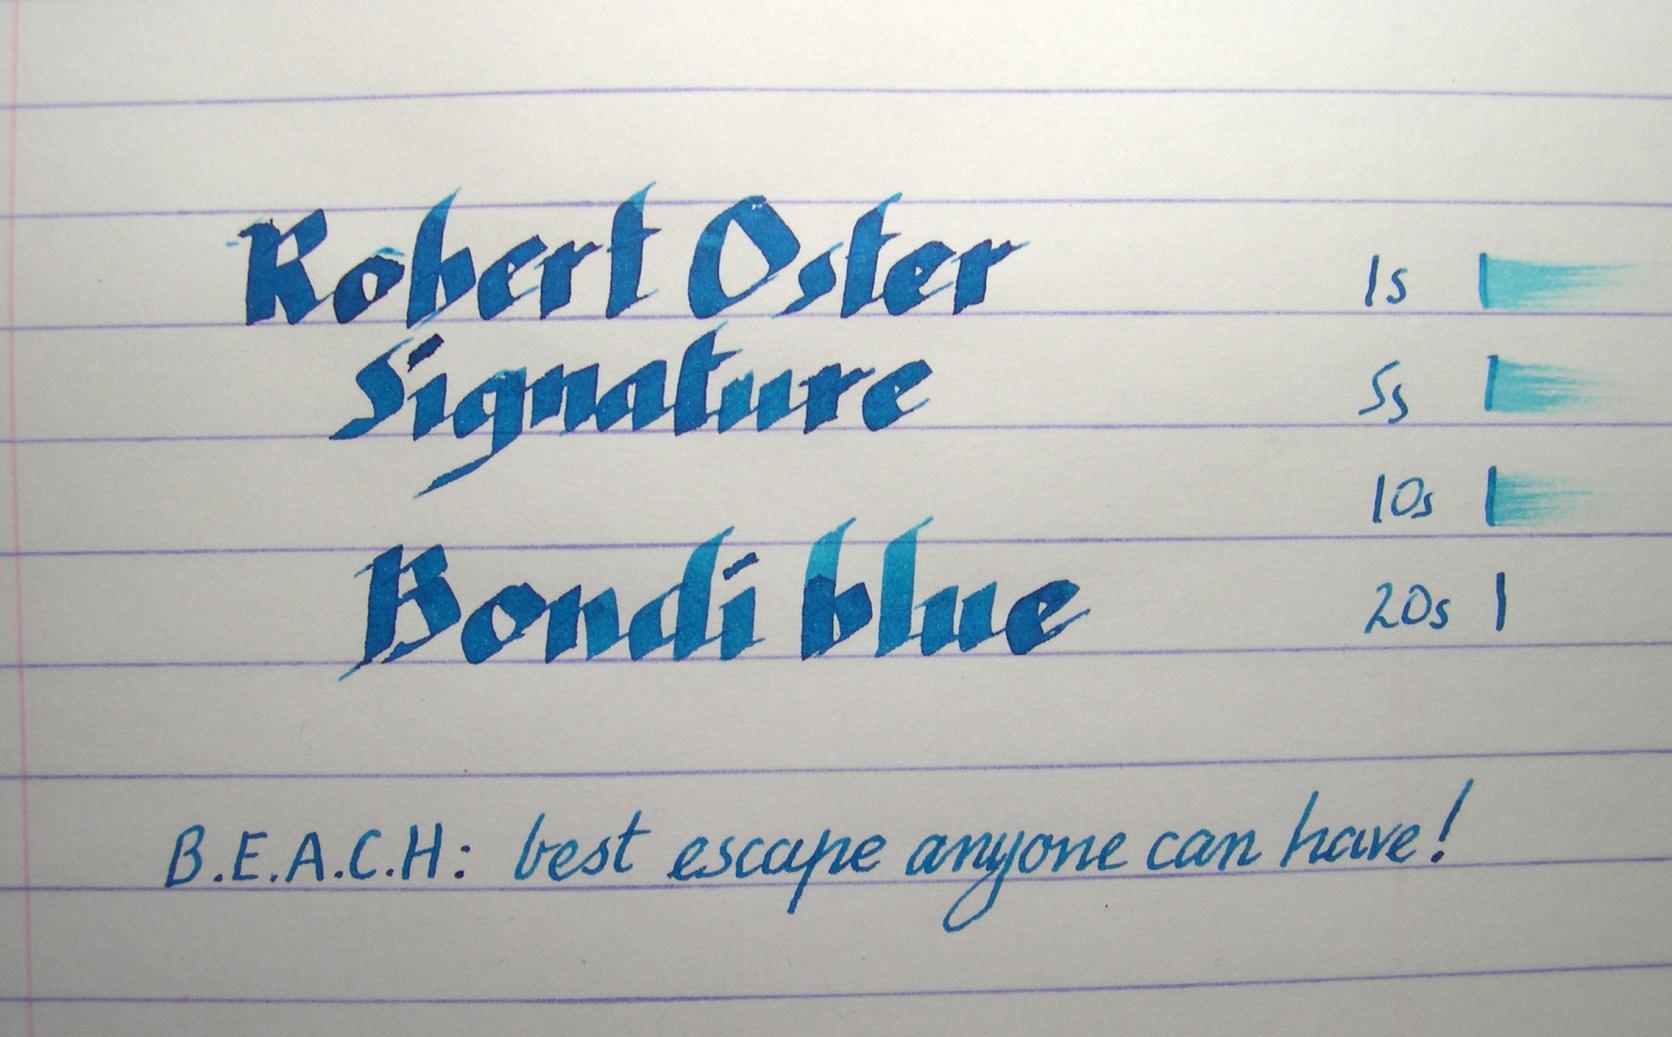 fpn_1463803777__oster_bondi_blue_levels-